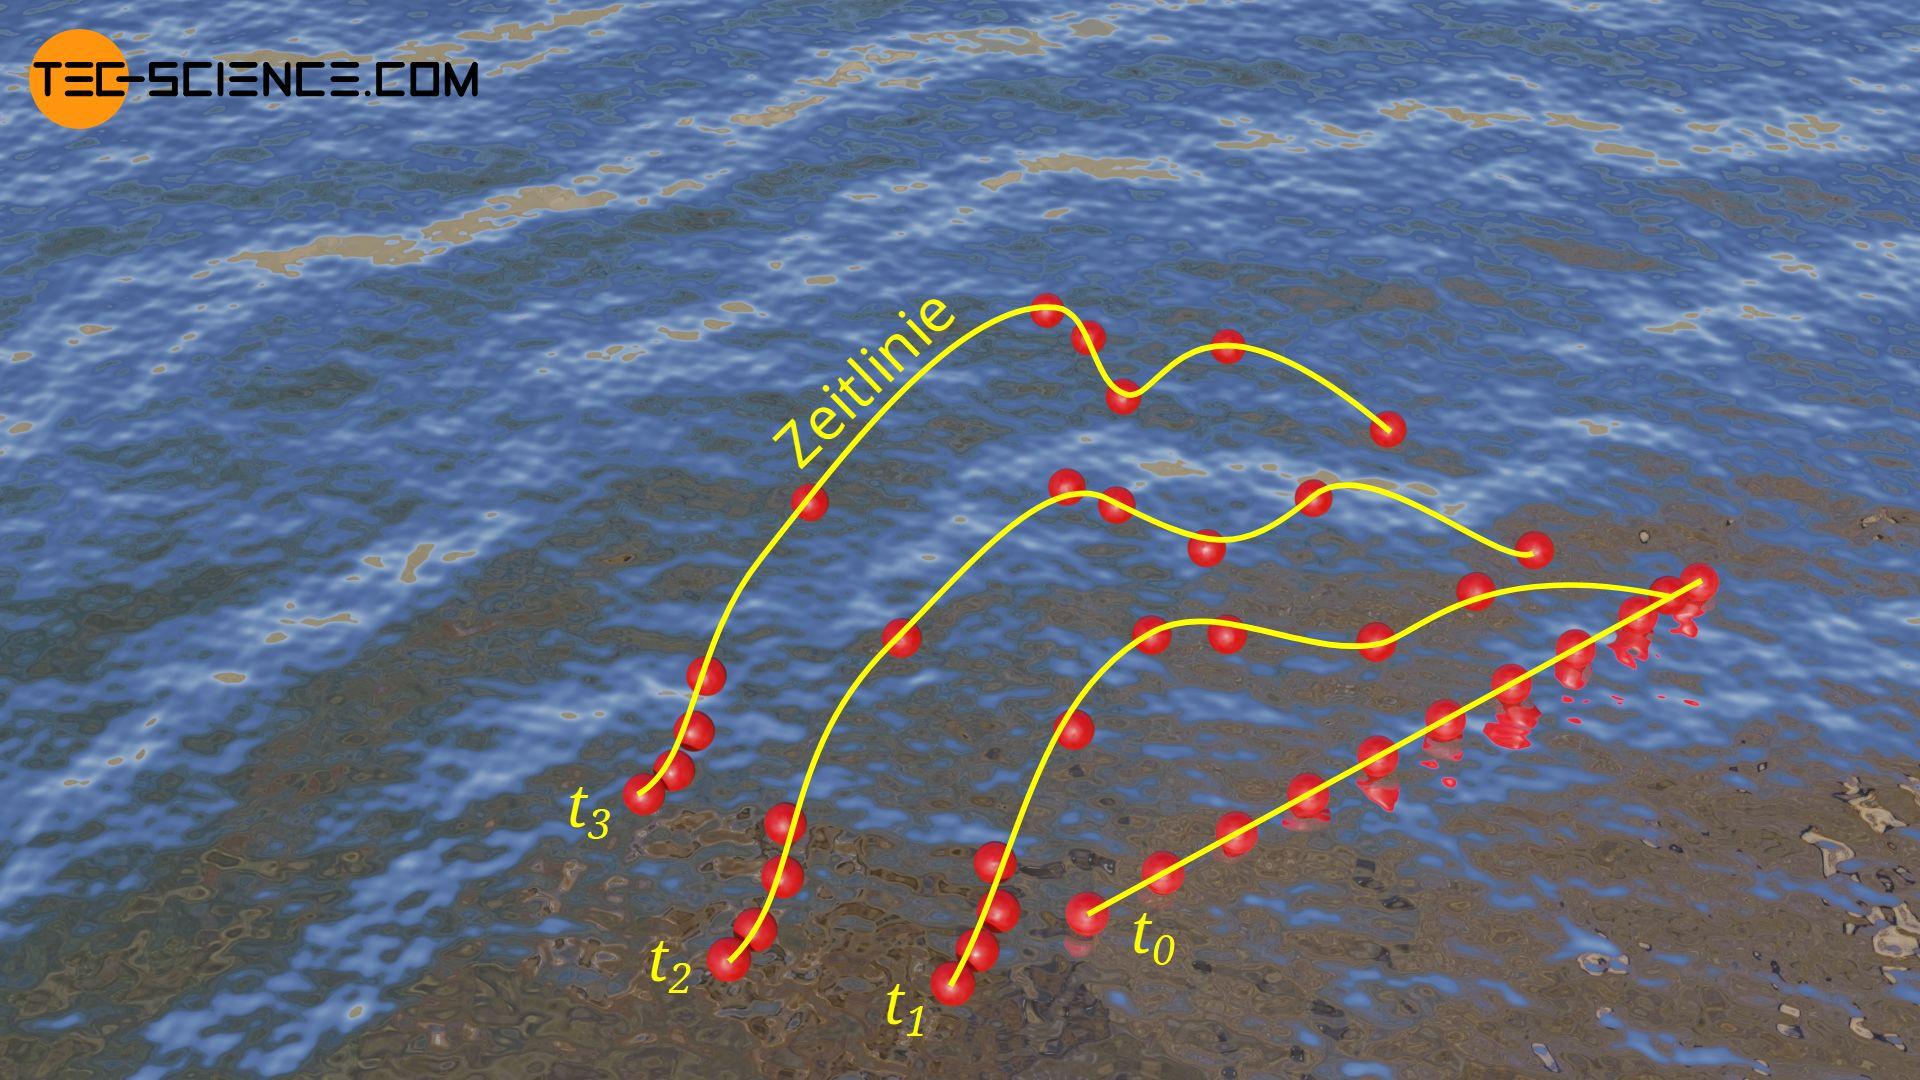 Zeitlinien veranschaulicht durch schwimmende Kugeln in Wasser